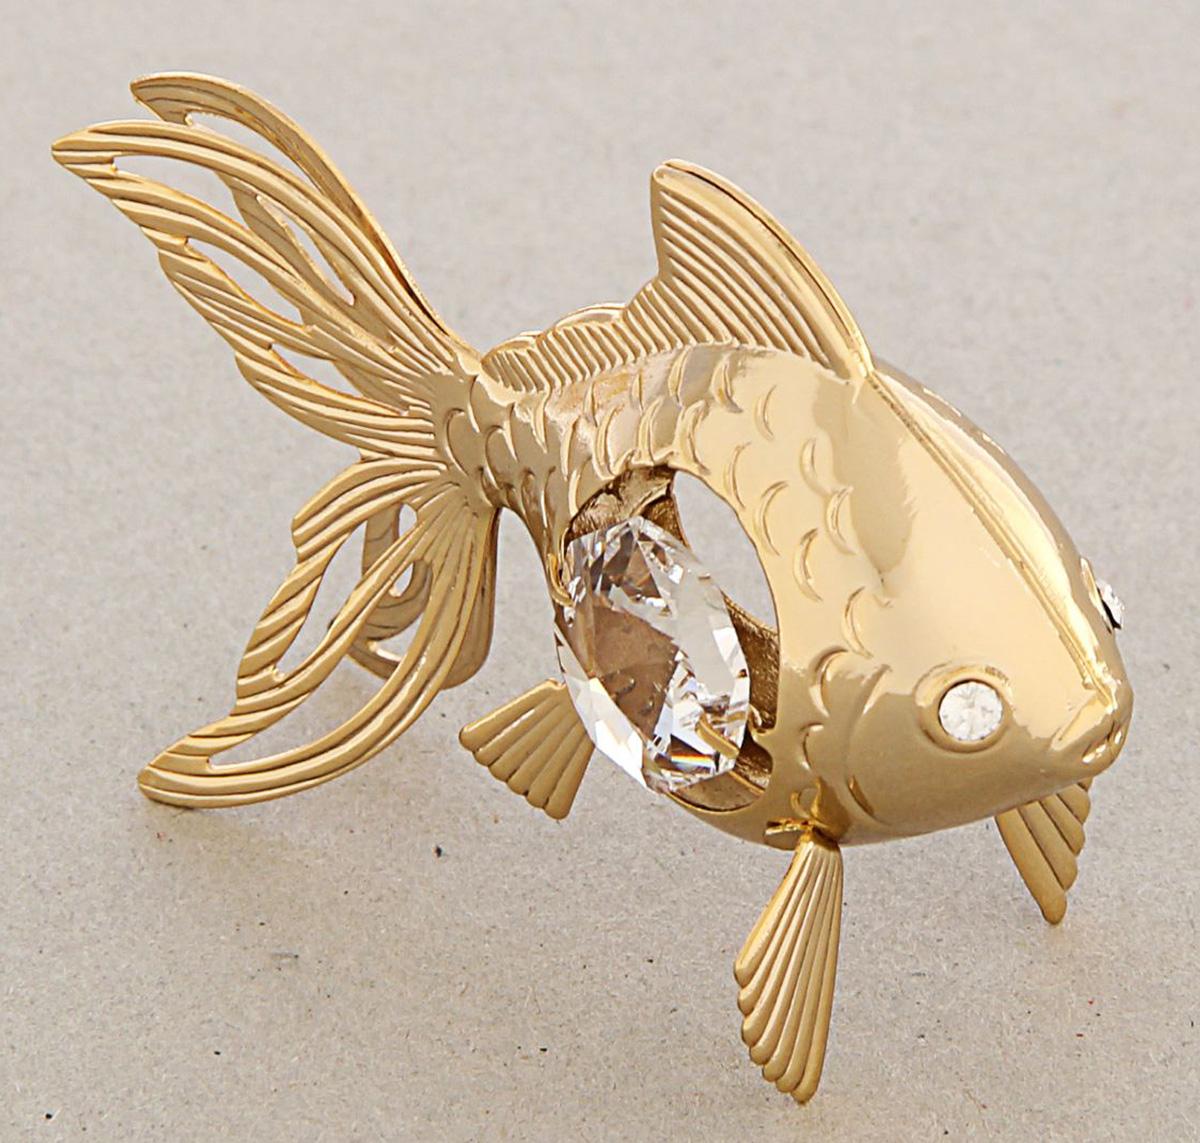 Миниатюра Swarovski Elements Золотая рыбка, с кристаллами Сваровски, 6 х 3 х 4,5 см. 12567411256741Сувенирная рыбка станет идеальным подарком близкому человеку и всем любителям эксклюзивных вещей ручной работы. Она символизирует изобилие, богатство и успех. Это символ, связанный со счастьем и сексуальной гармонией.Сувенир украшен стразами Swarovski, которые были признаны специалистами лучшей имитацией бриллиантов. Свет, попадая на кристаллы Swarovski, разбивается на миллион радужных лучей. Это зрелище, бесспорно, оставляет яркое впечатление!